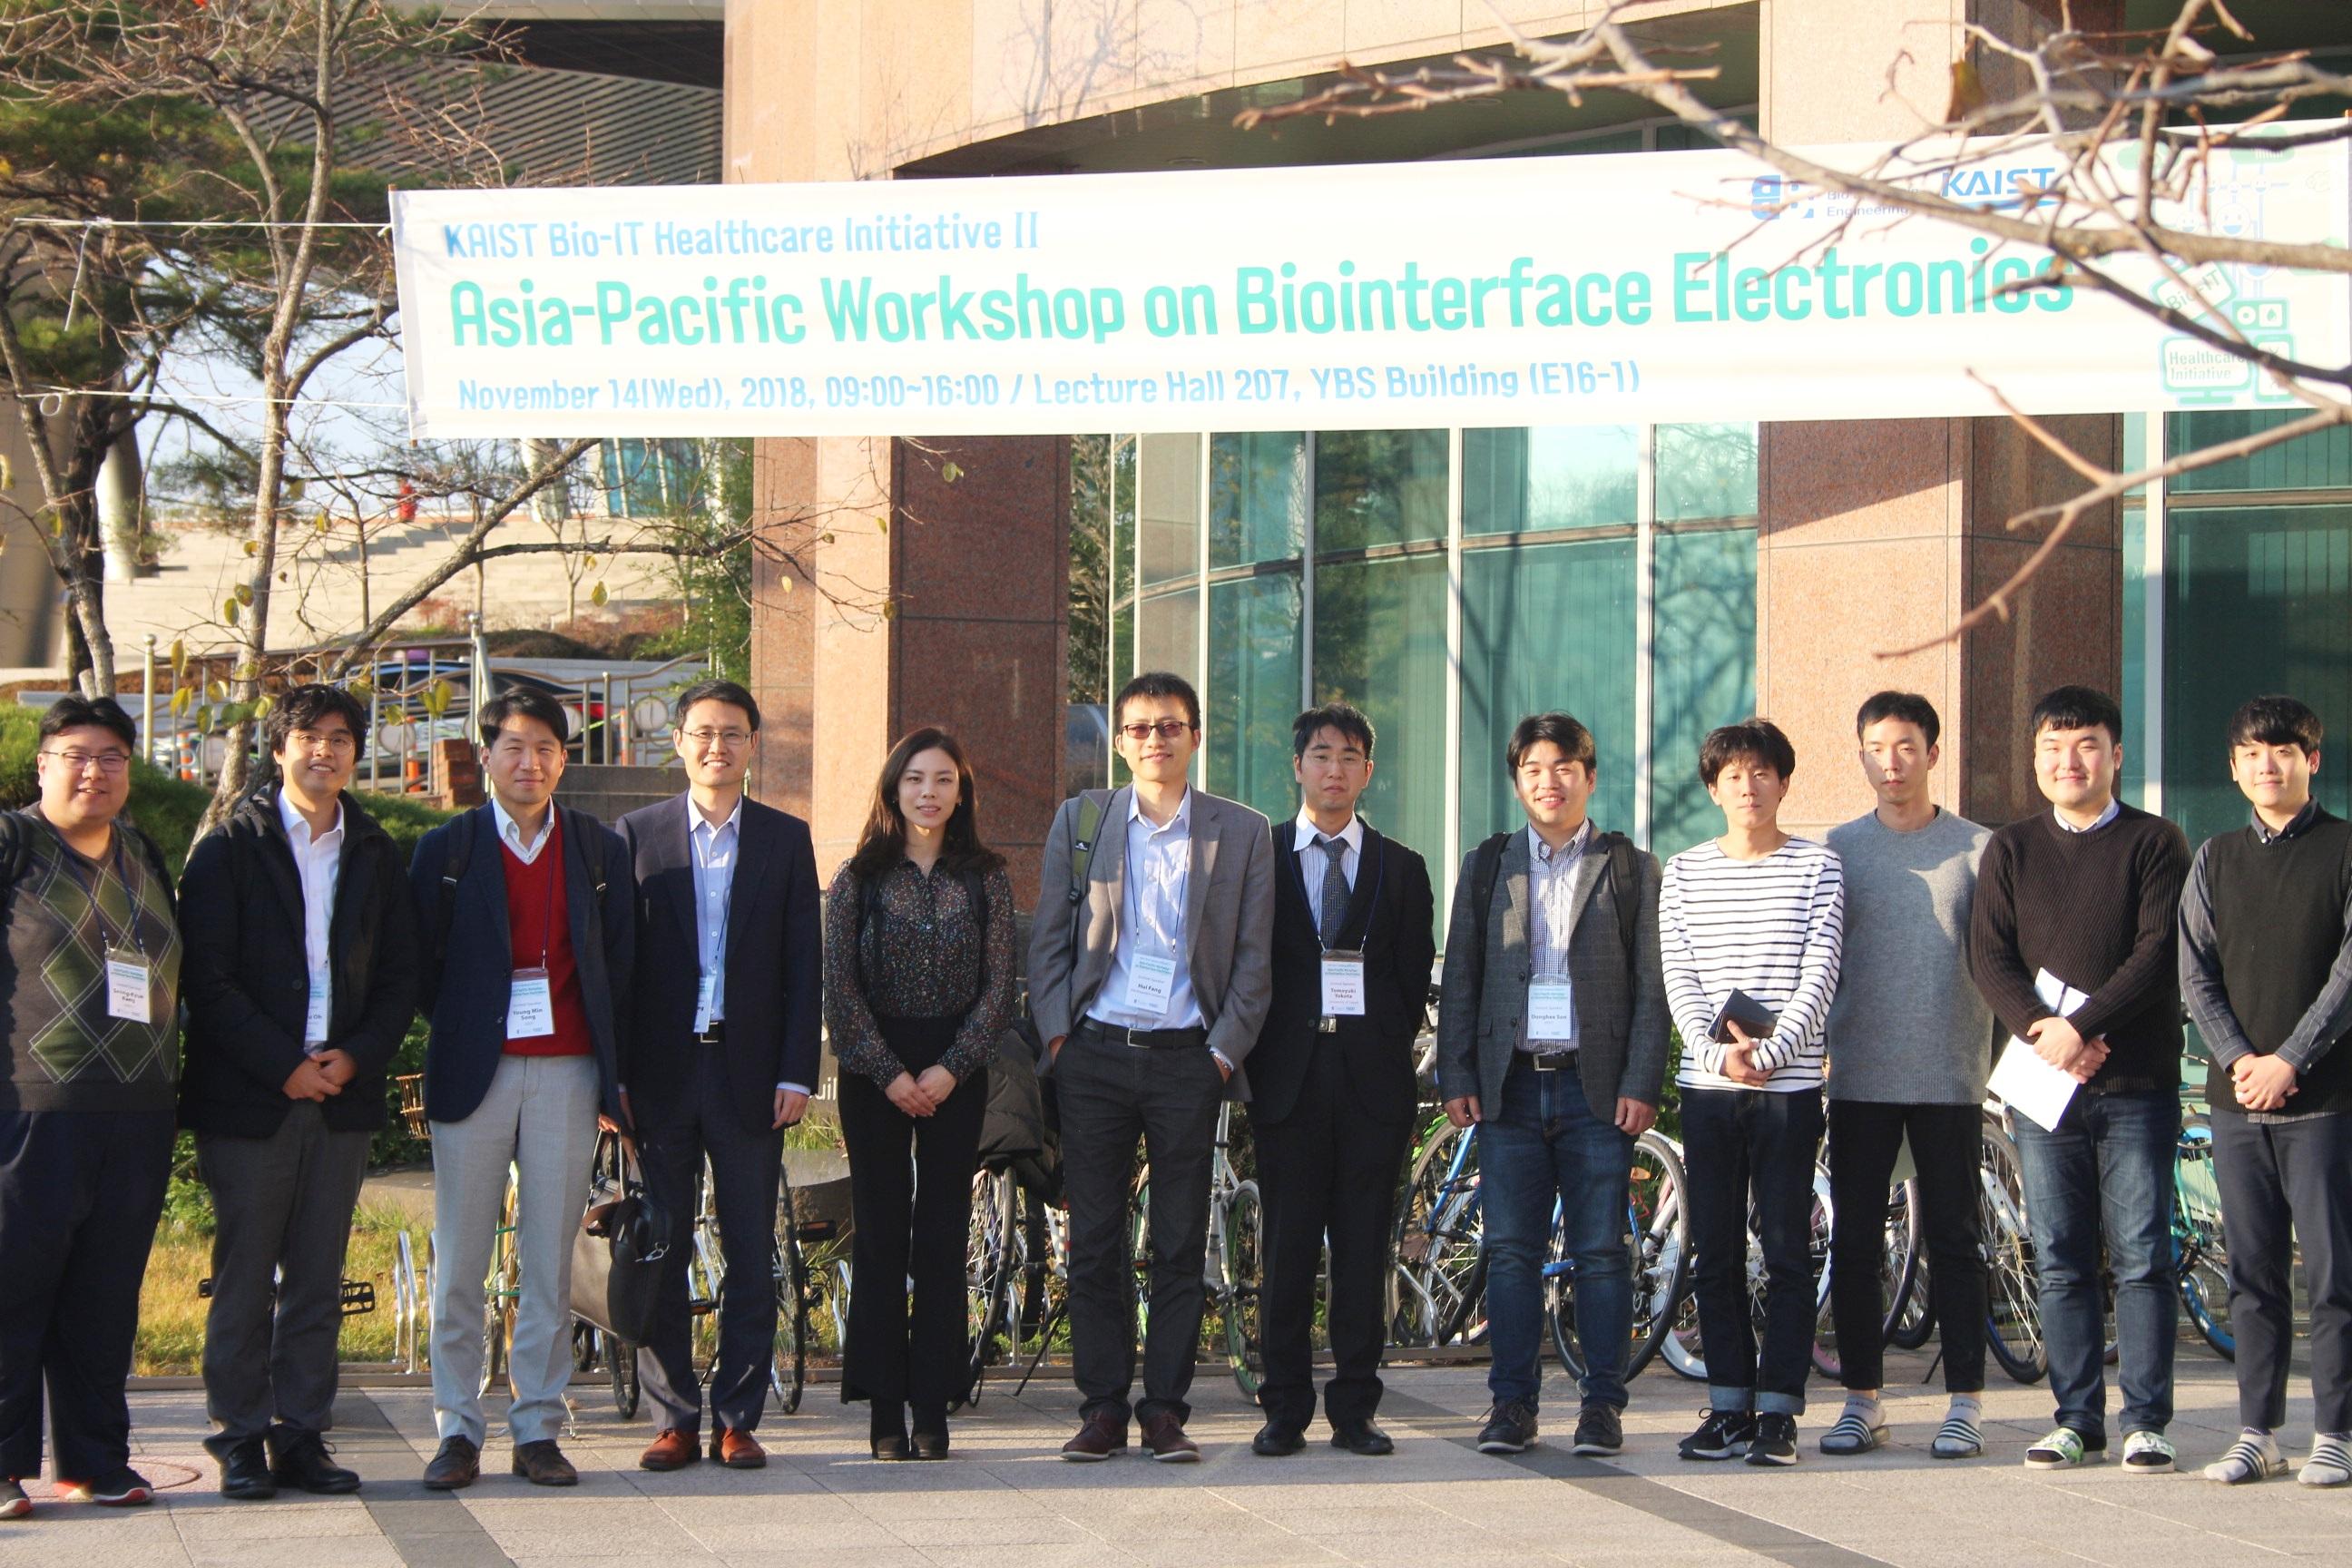 asia-pacific workshop-1.JPG